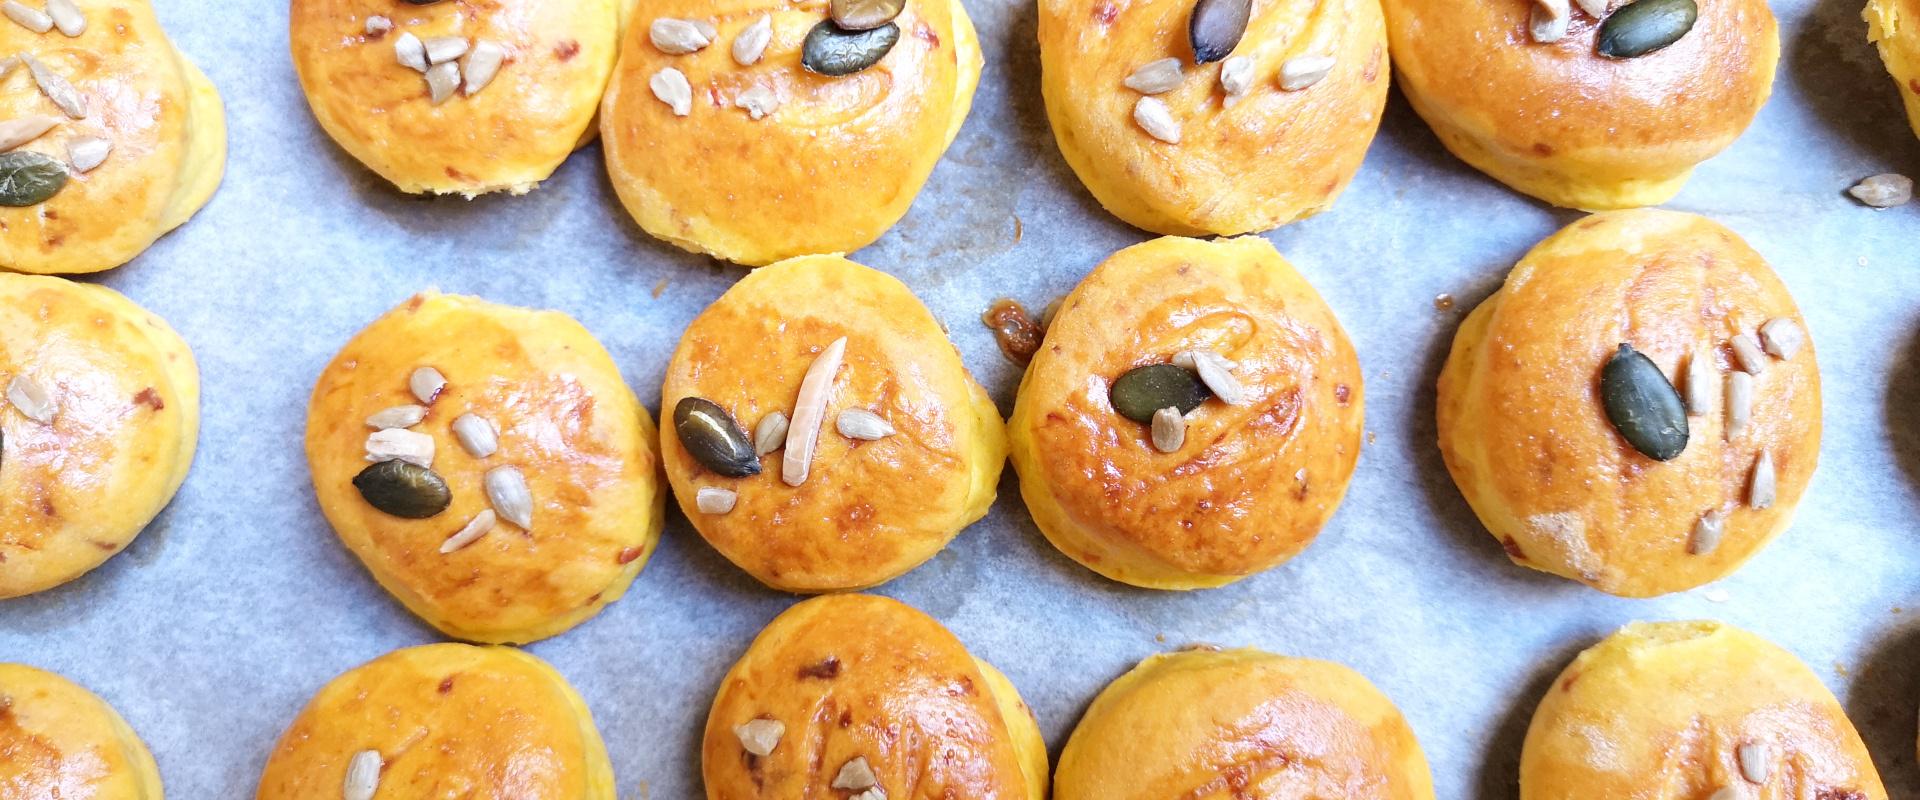 sütőtökös pogácsa tepsiben cover